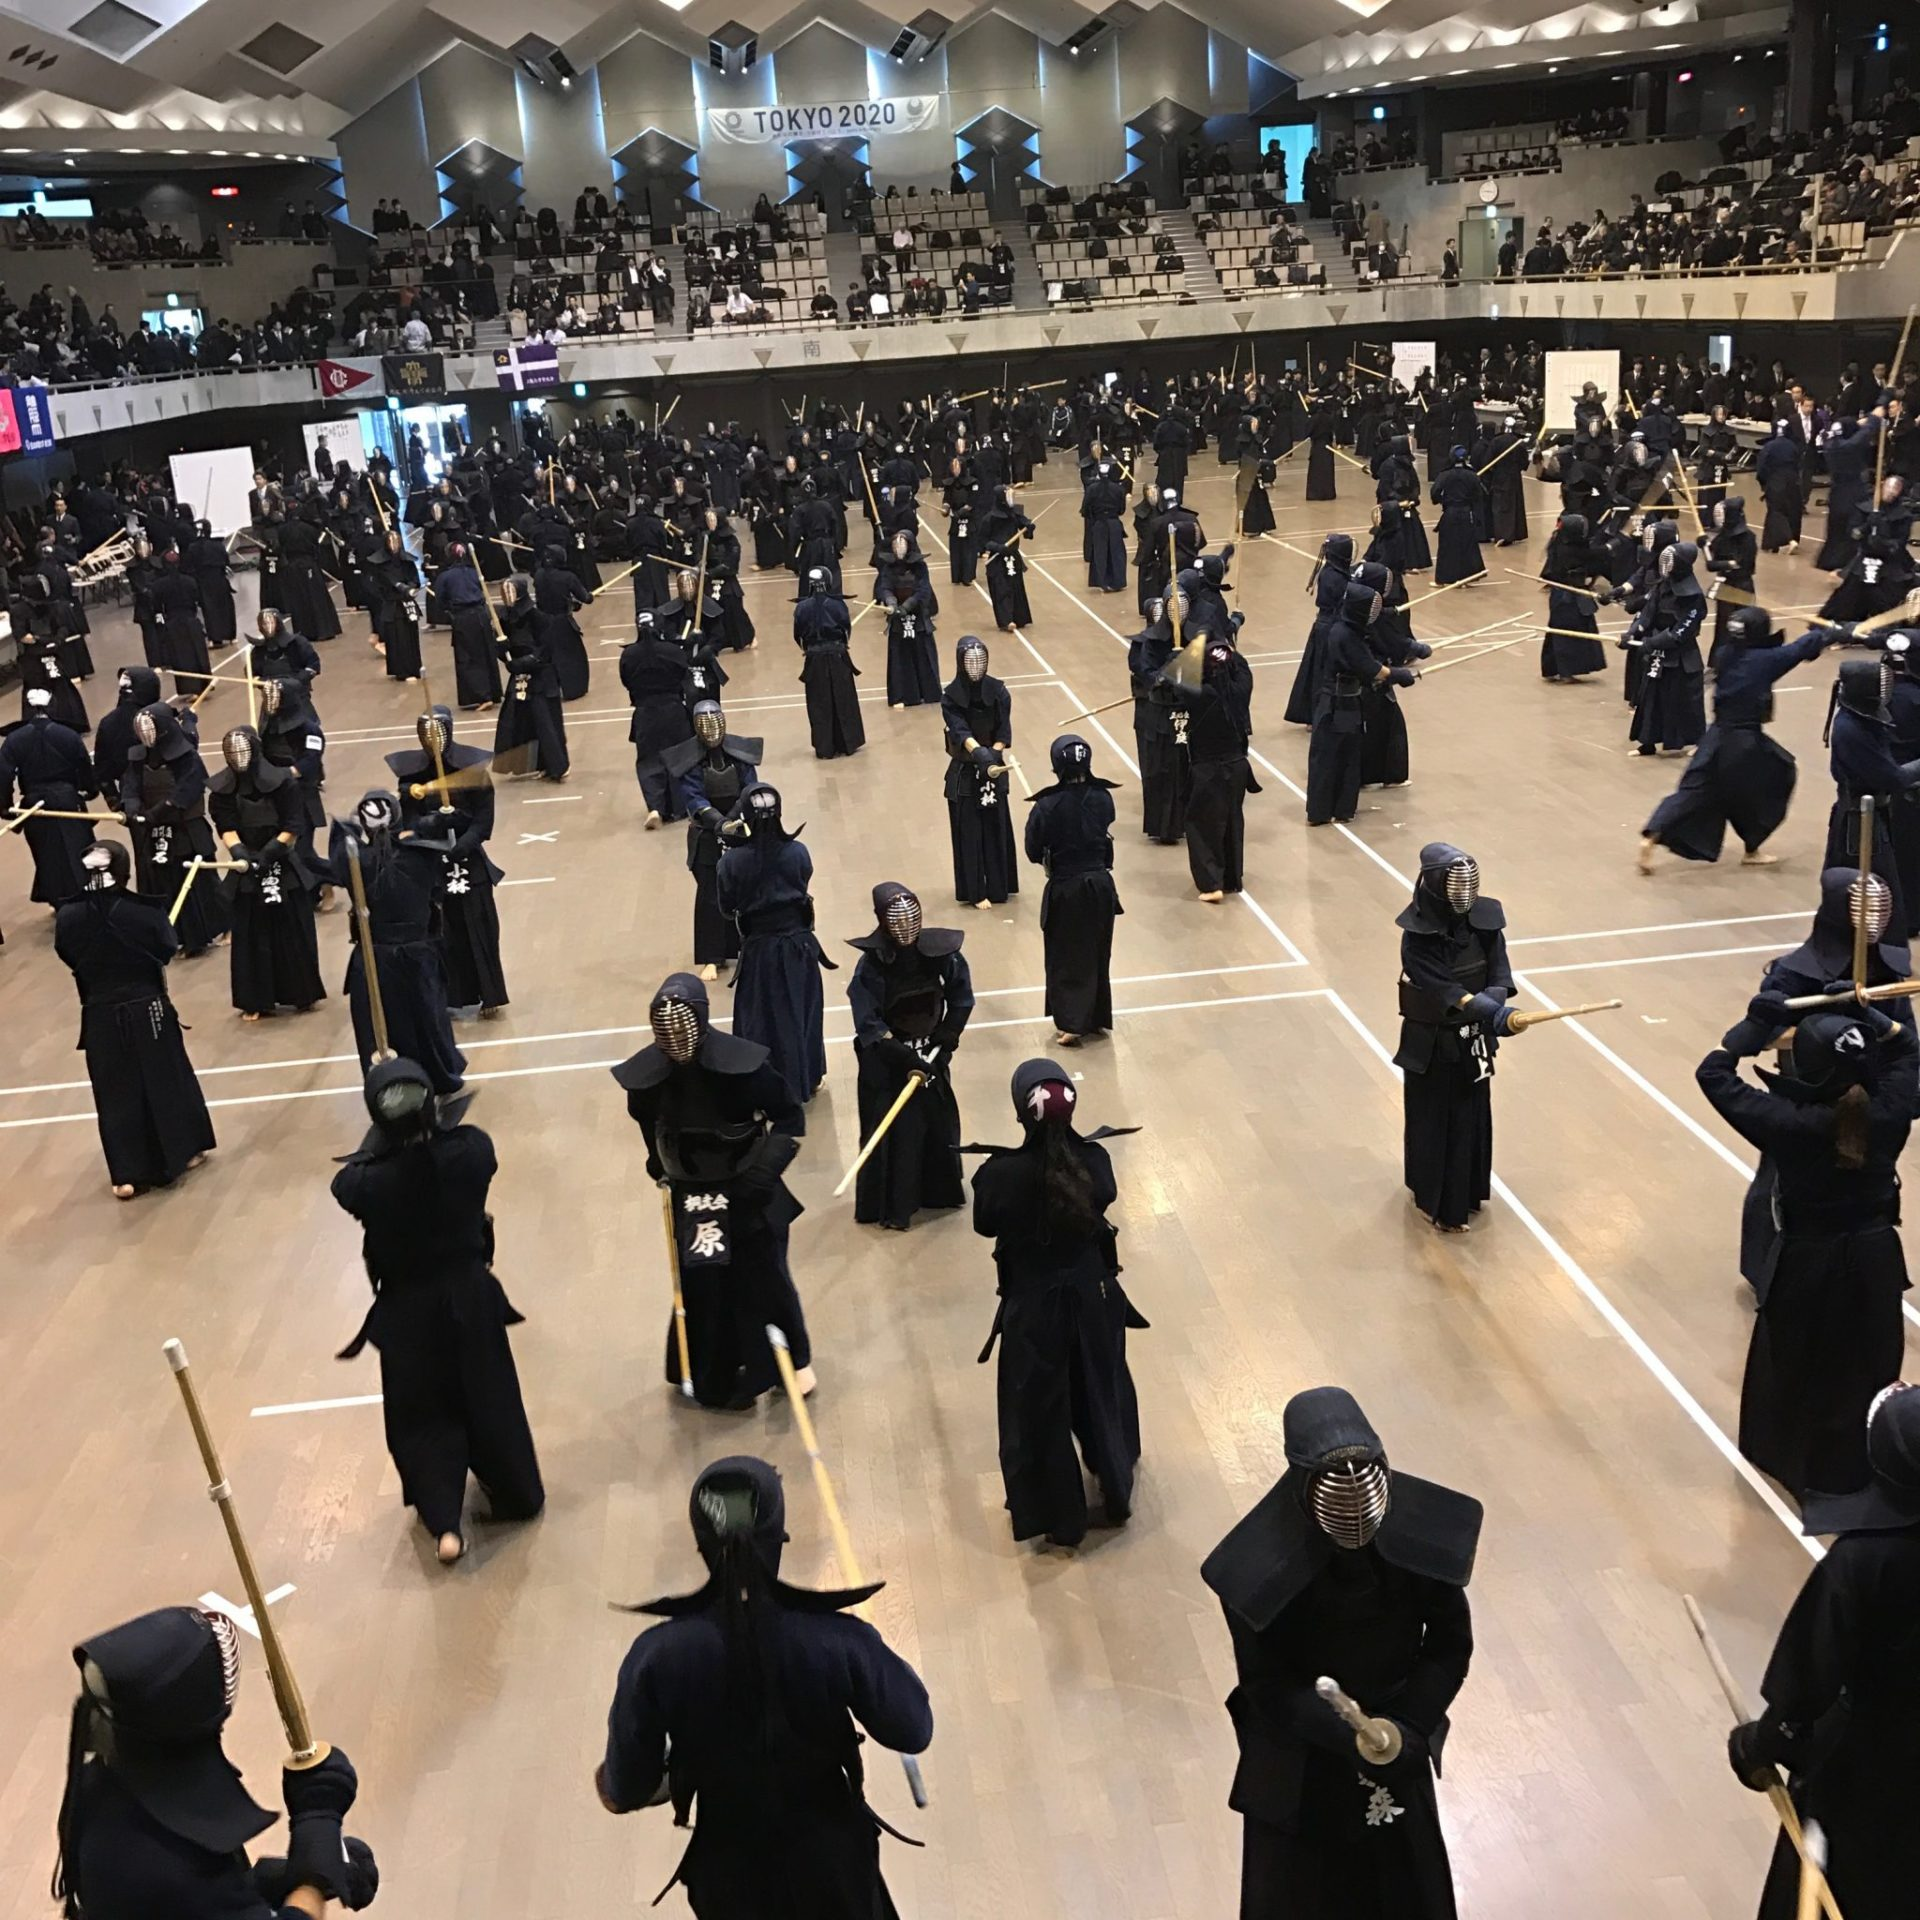 東京学連剣友連合会平成29年度登録案内 5/30締め切り